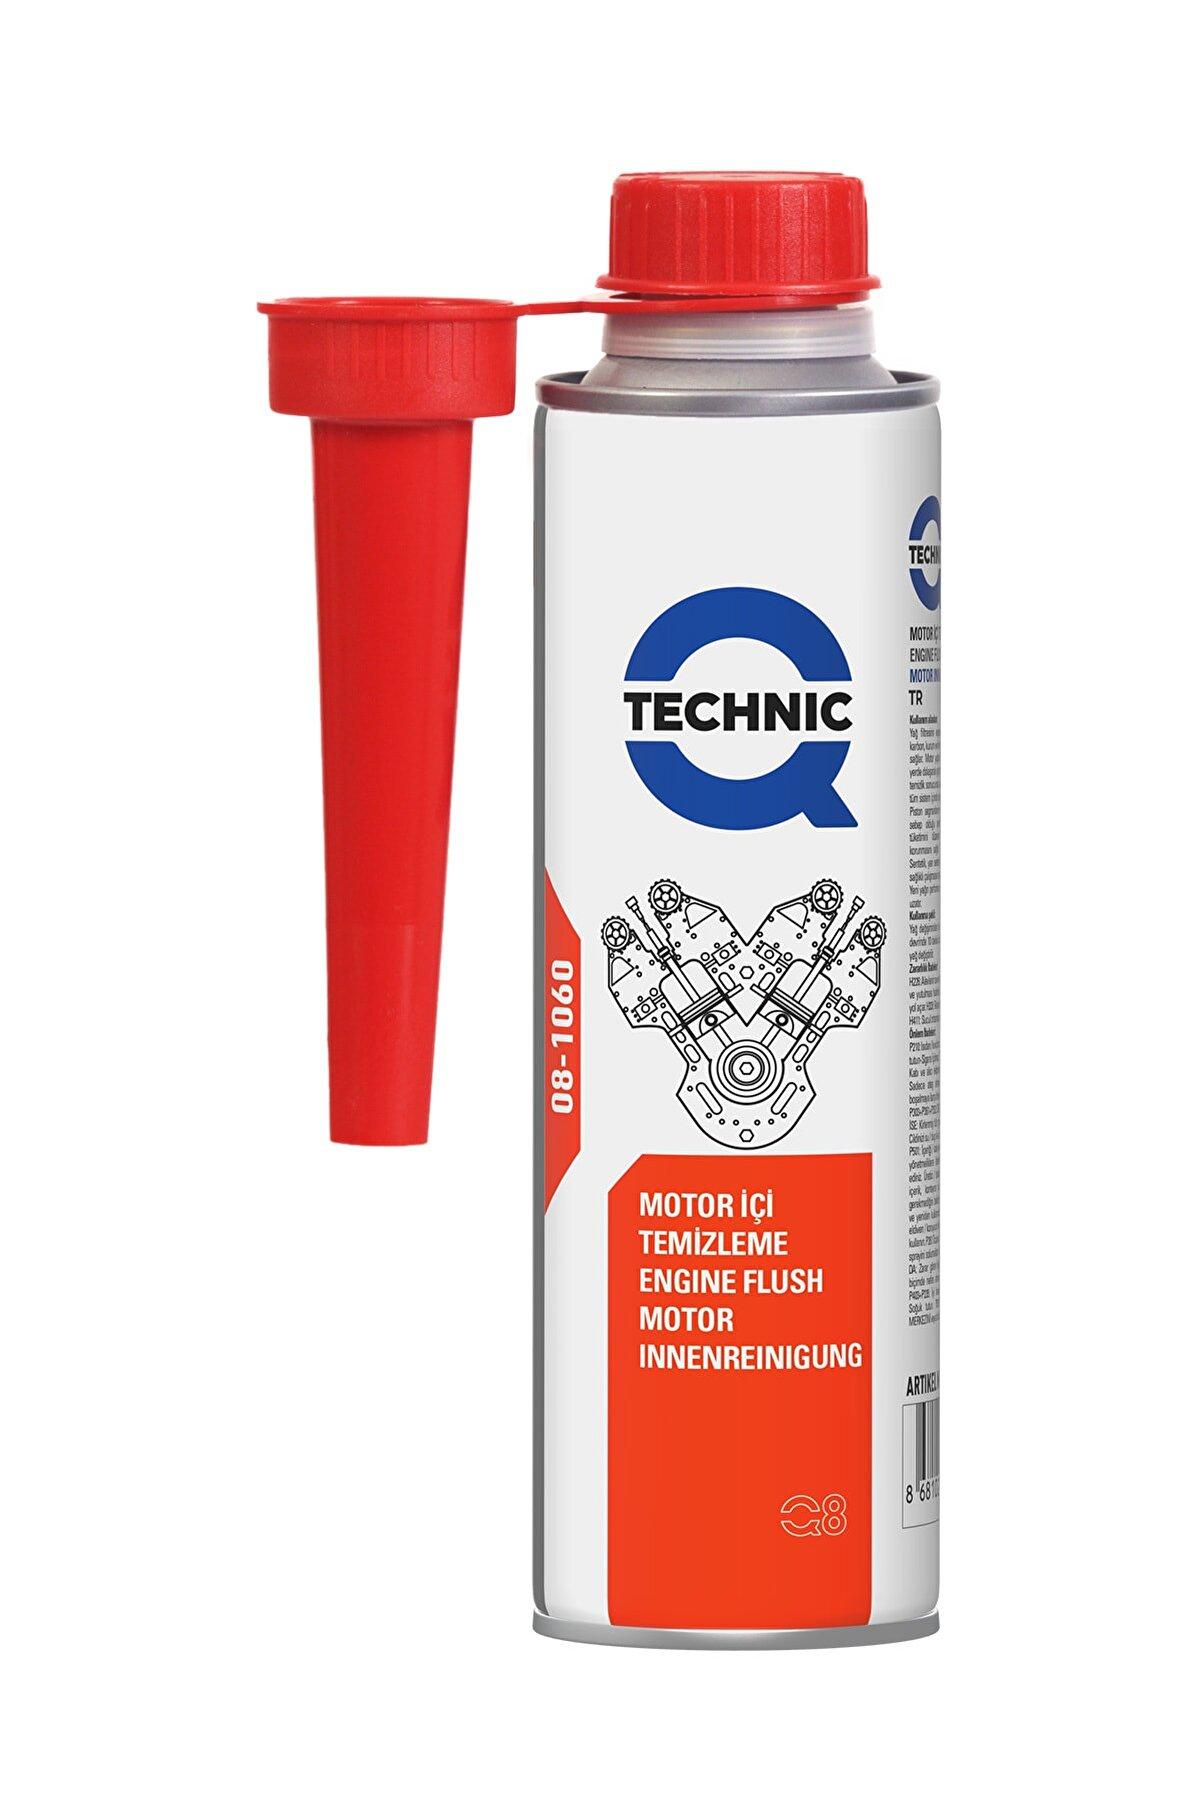 Qtechnic Motor Temizleyici Yakıt Katkısı 300ml